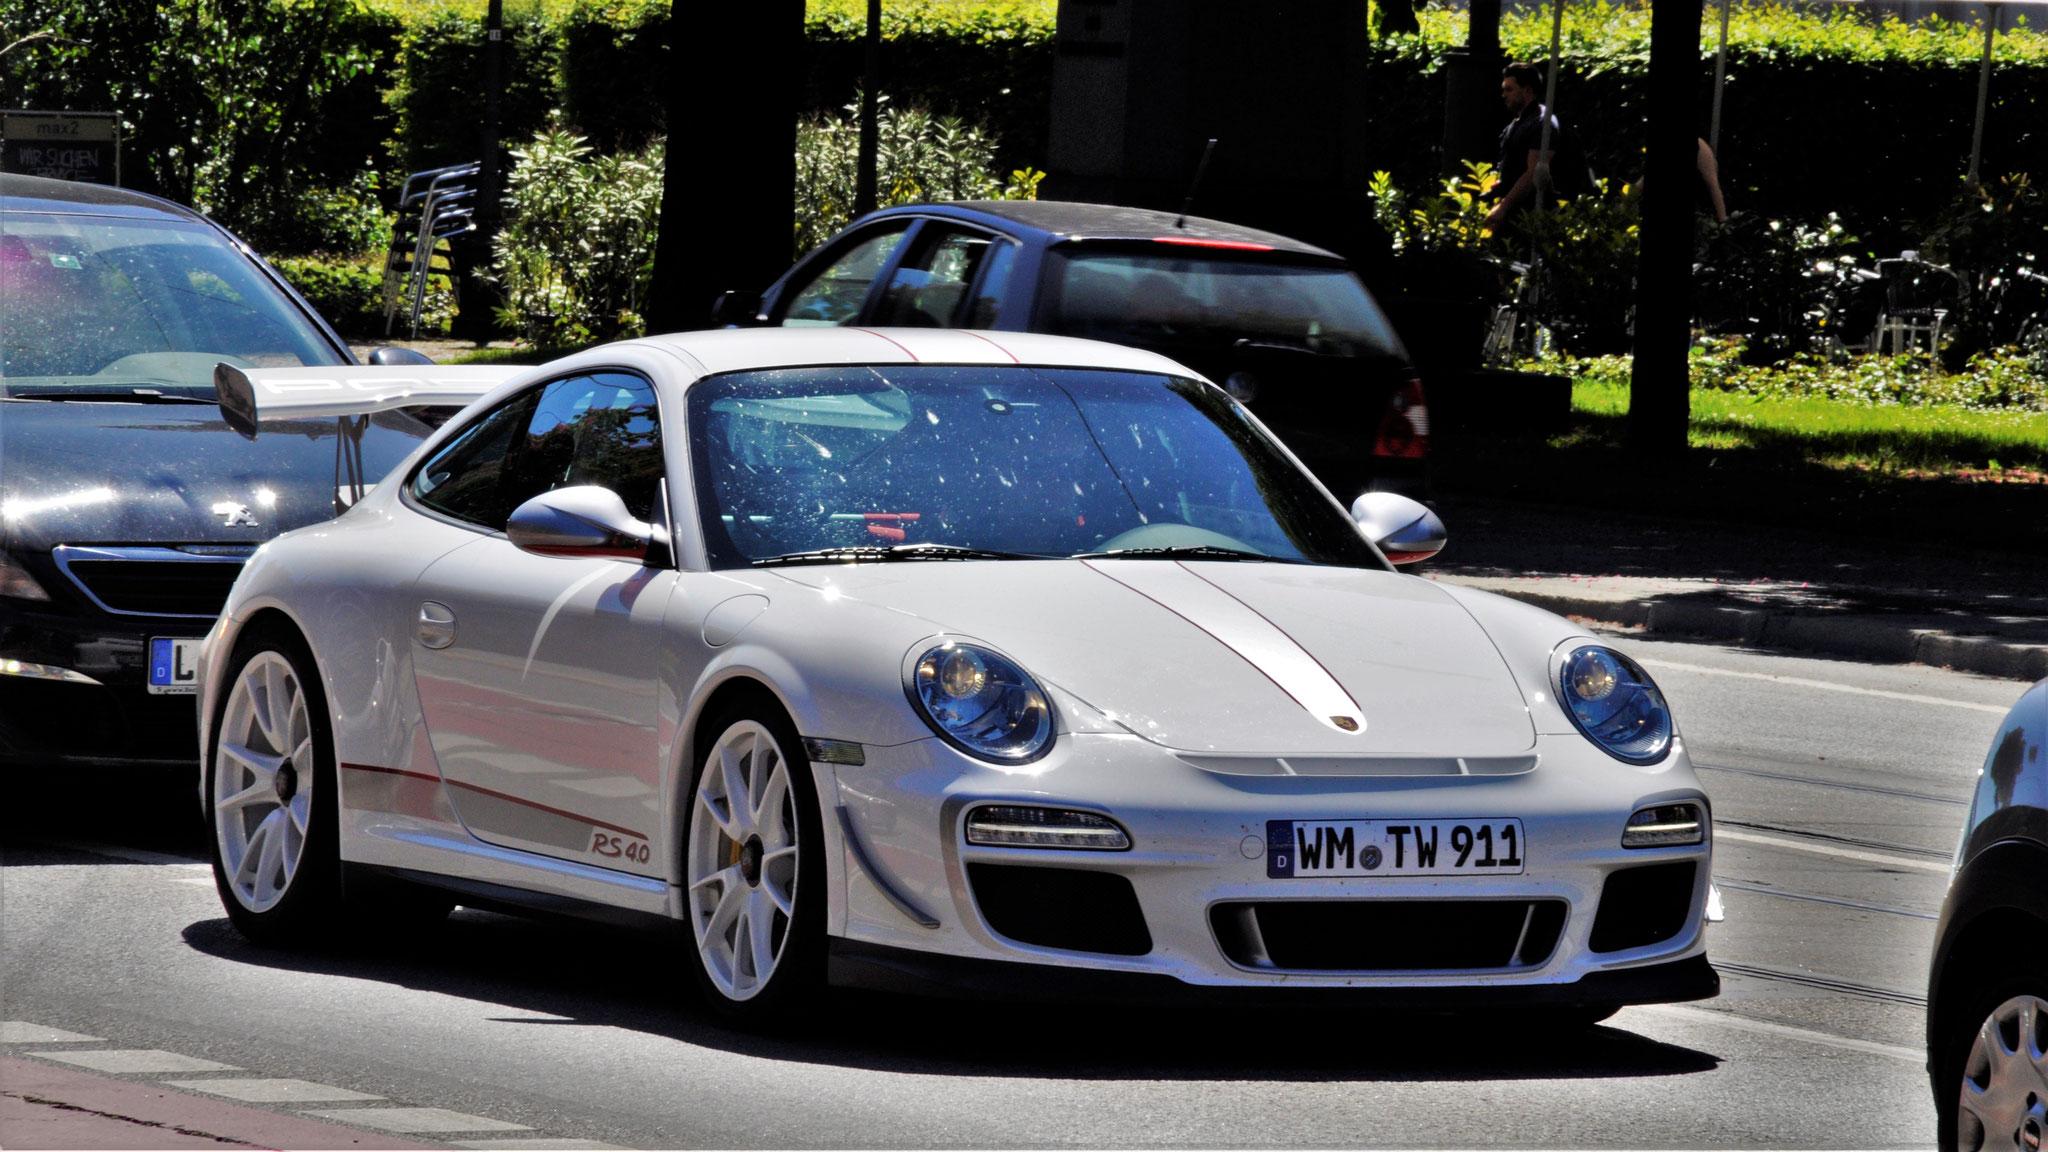 Porsche 911 GT3 RS - WM-TW-911